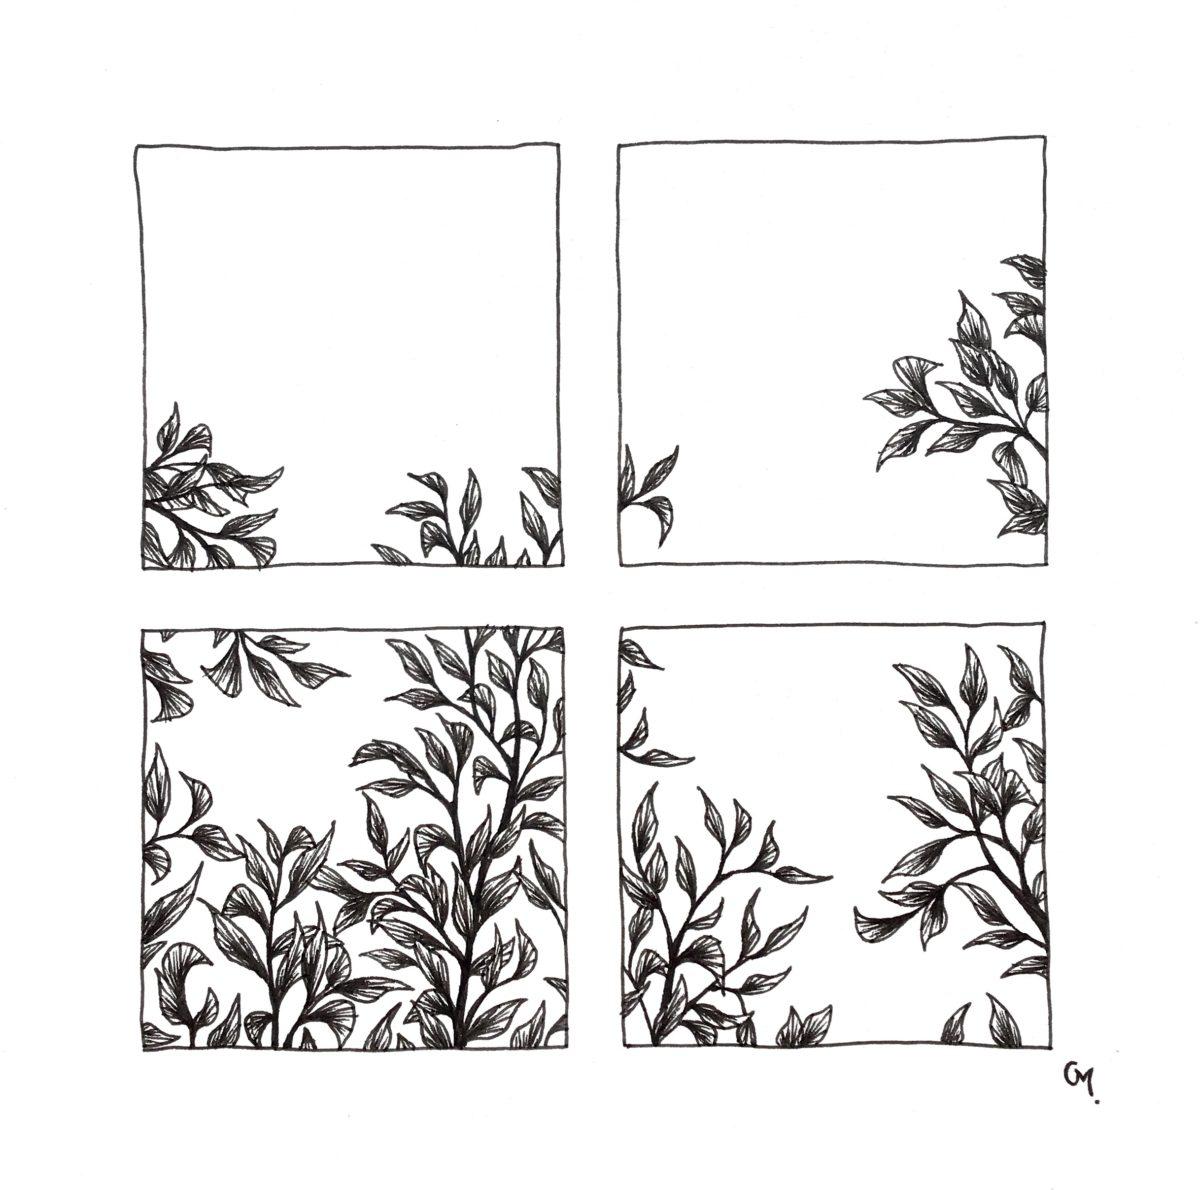 Carré floral 2